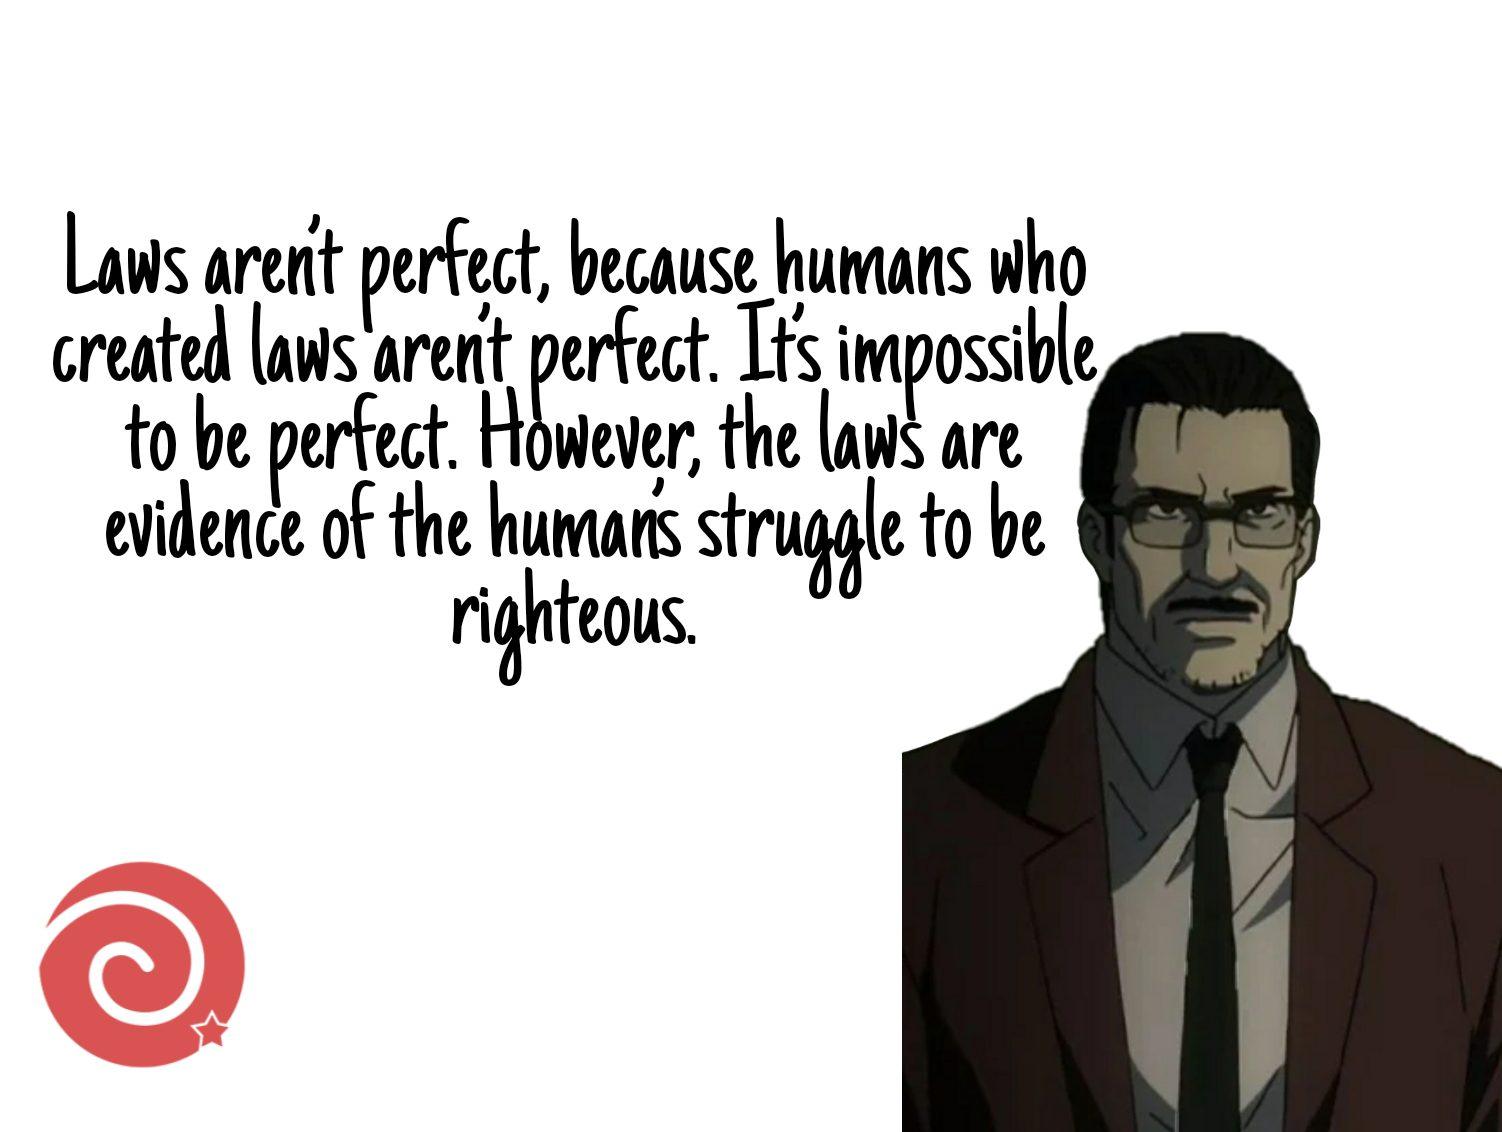 Soichiro Yagami quotes